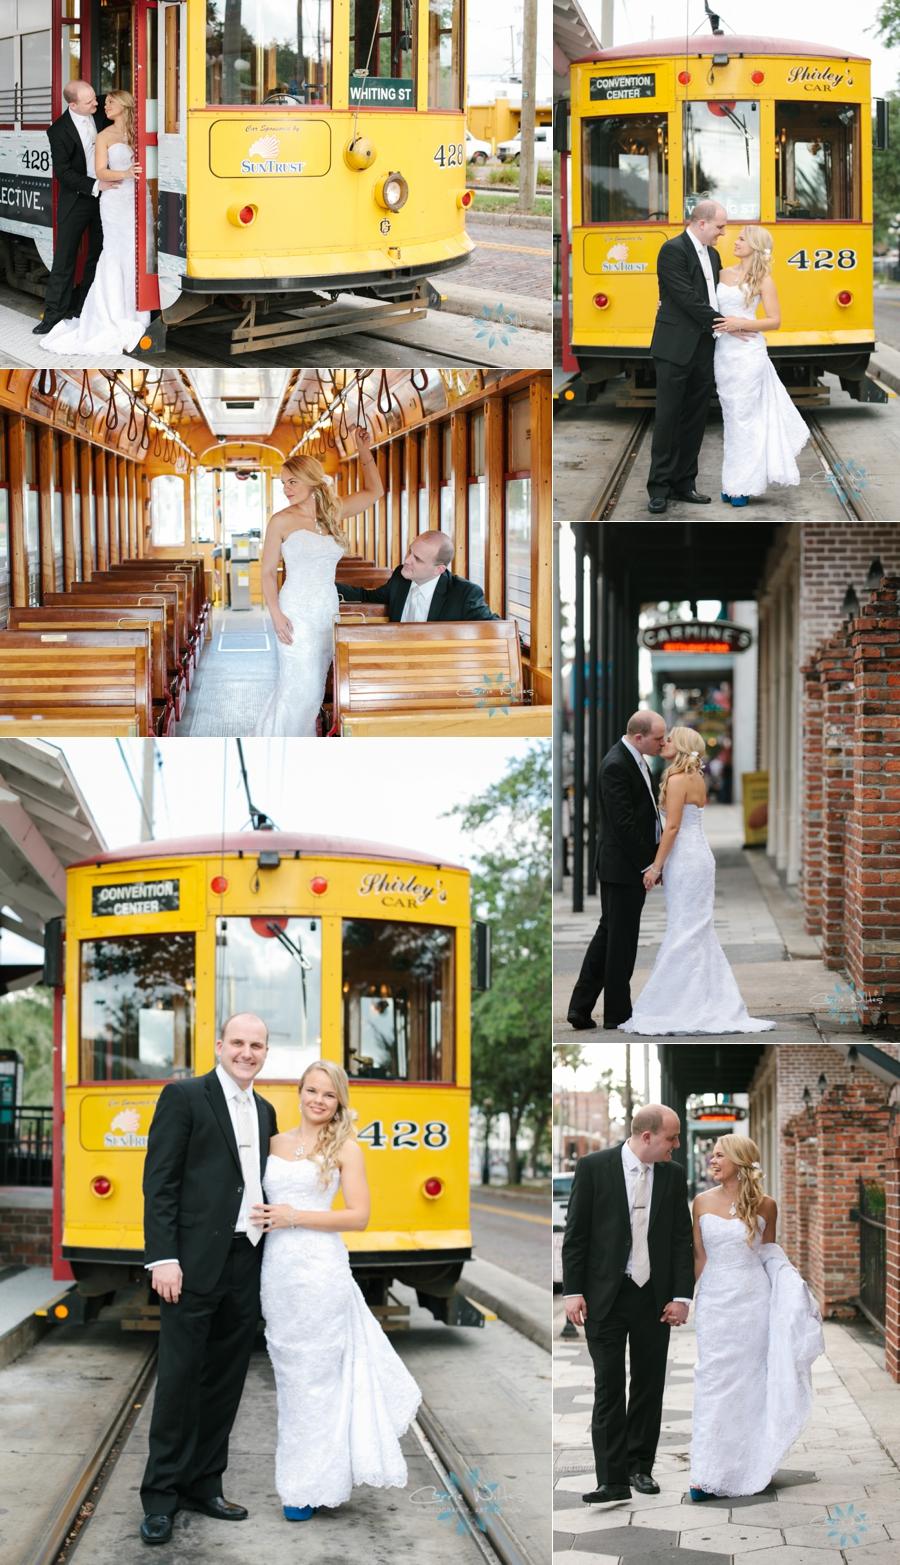 5_4_13 Ybor Wedding Photos_0001.jpg